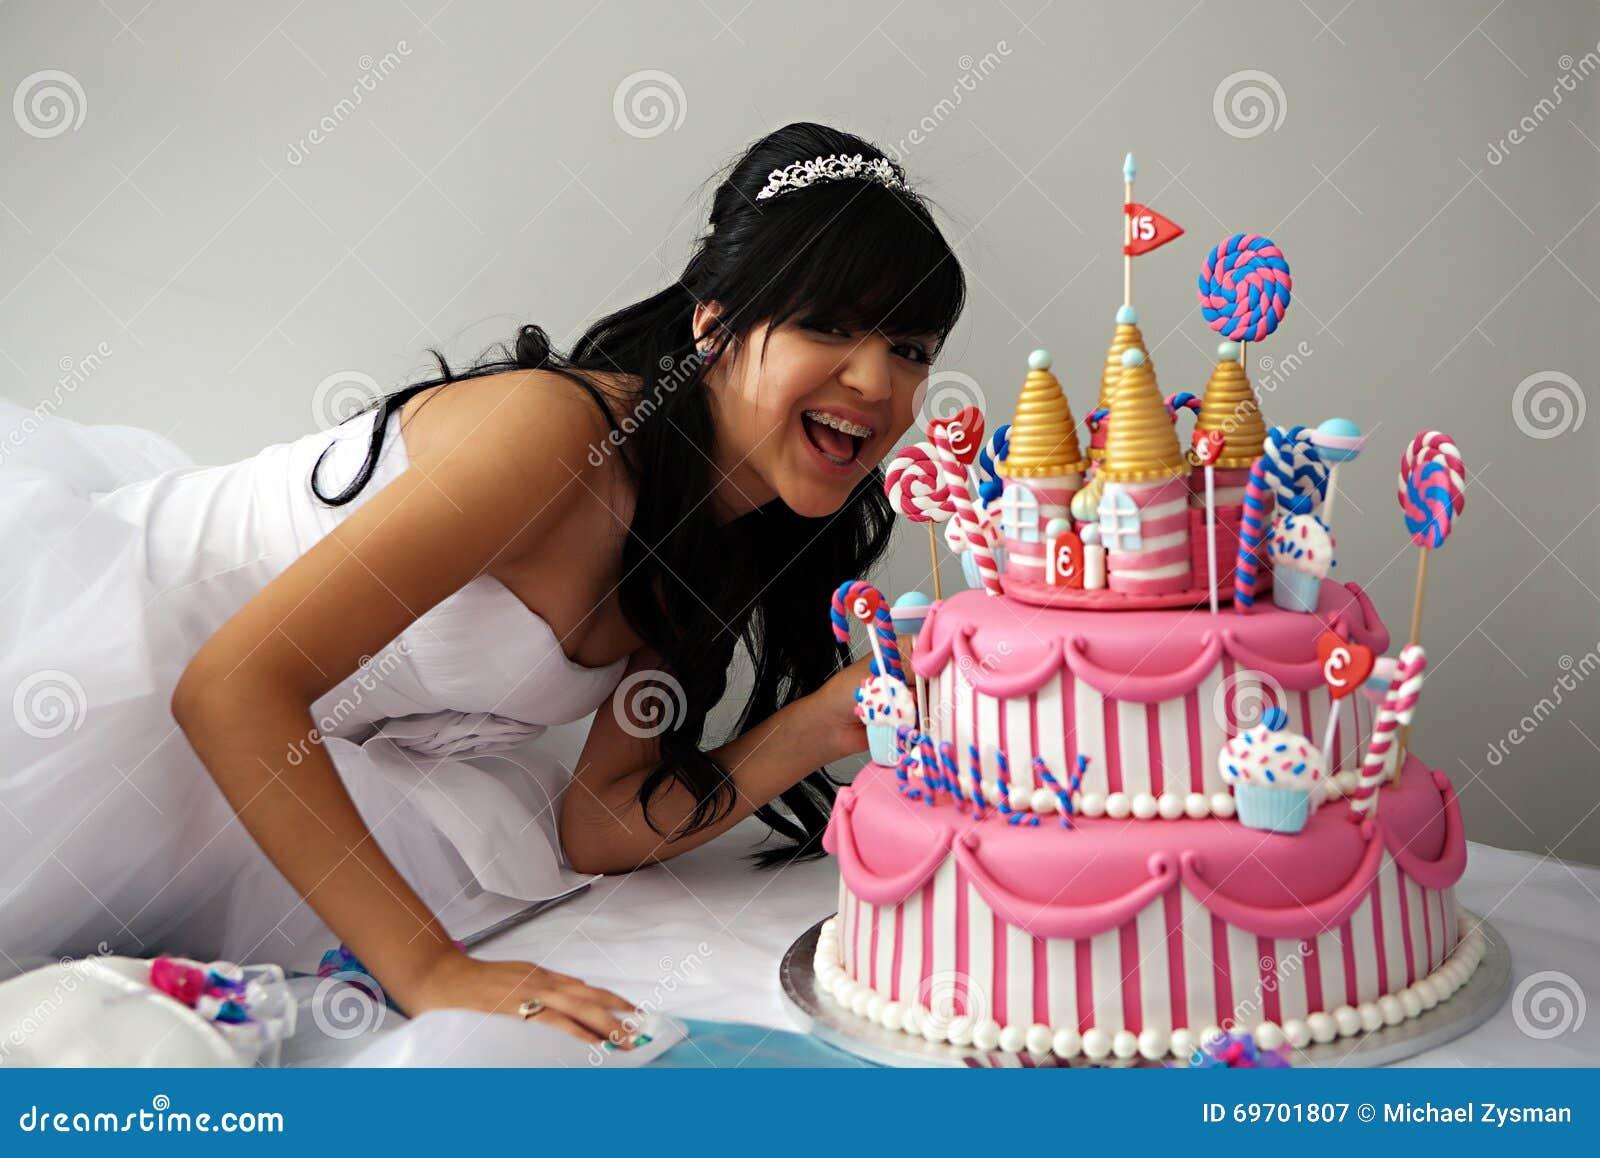 Quinceanera Geburtstags Kuchen Stockbild Bild Von Lateinisch